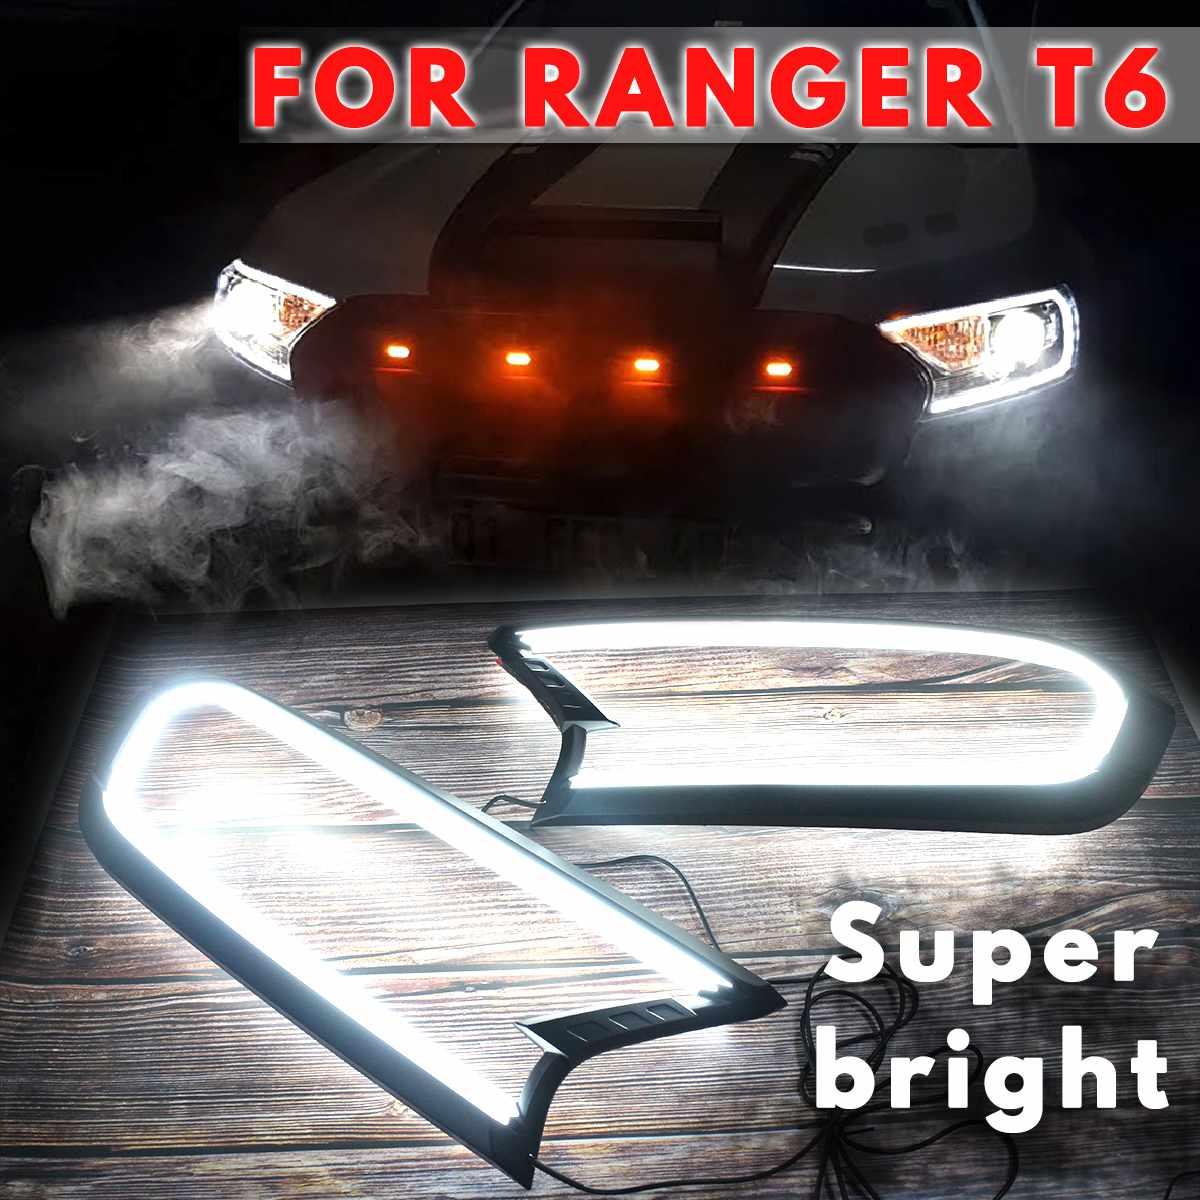 2019 חדש עדכון עיצוב שחור פנס LED כיסוי לקצץ ABS מנורת הוד עבור פורד עבור ריינג 'ר T6 WILDTRAK 2015 2016 2017 2018